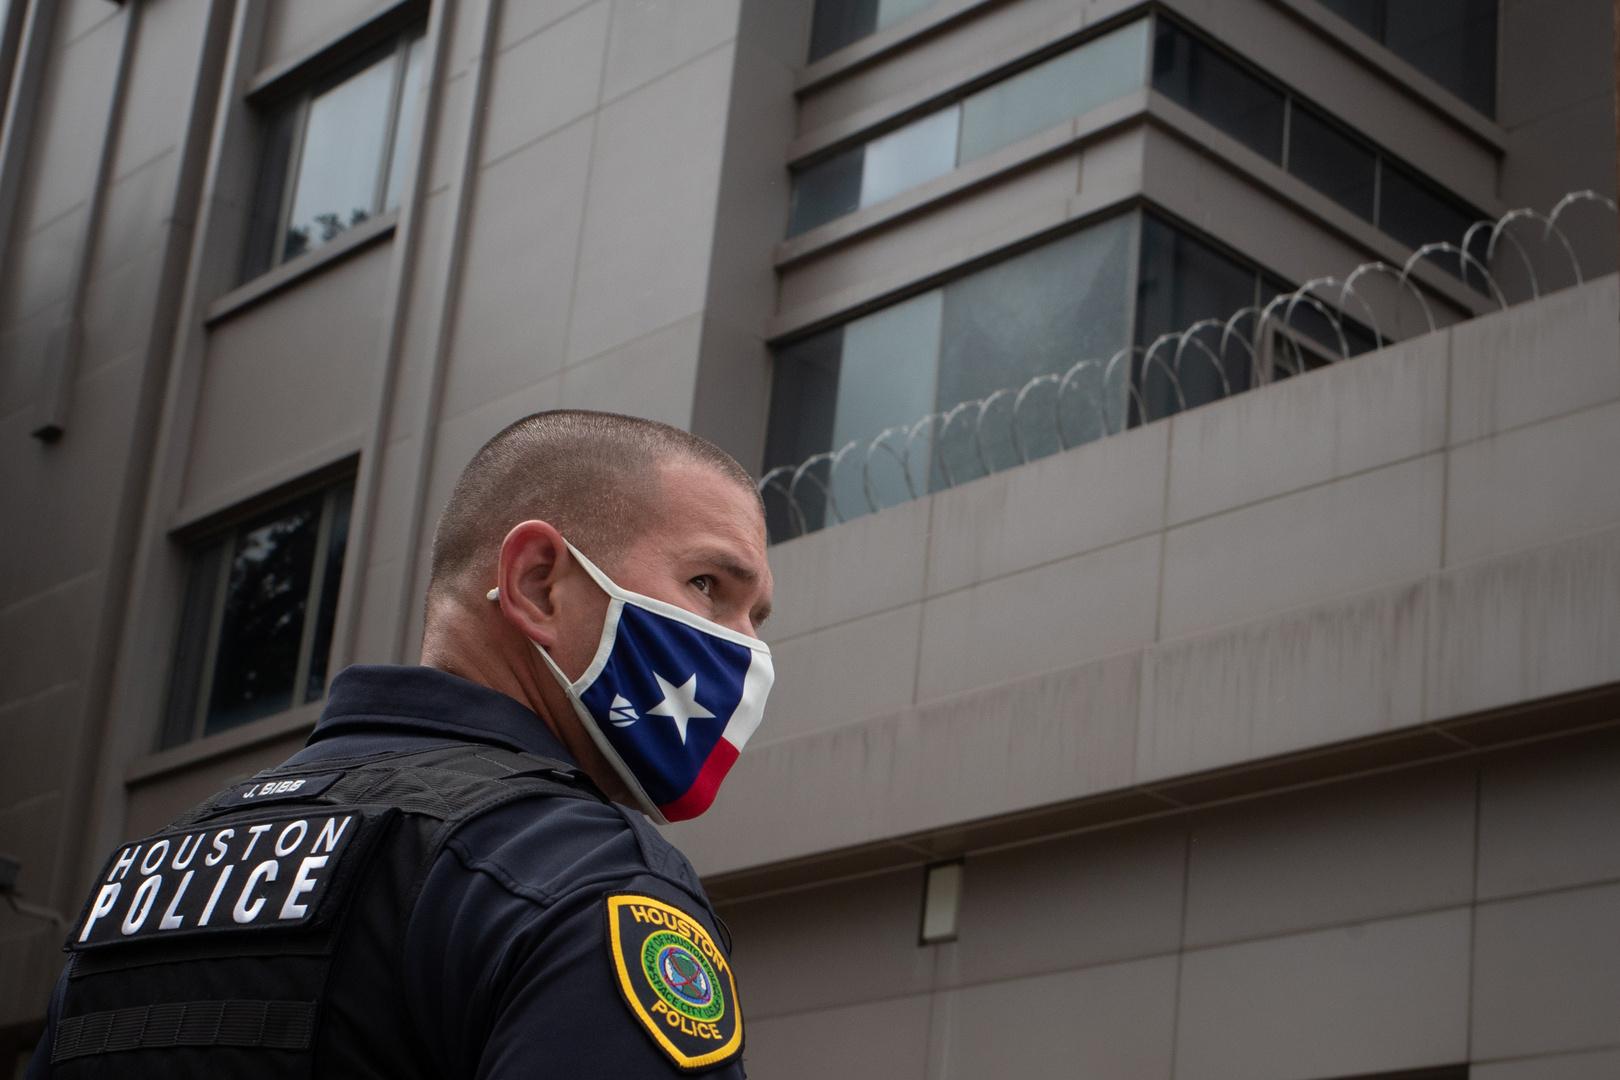 شرطة هيوستن: طفل أمريكي في الثالثة من العمر يقتل شقيقه الرضيع